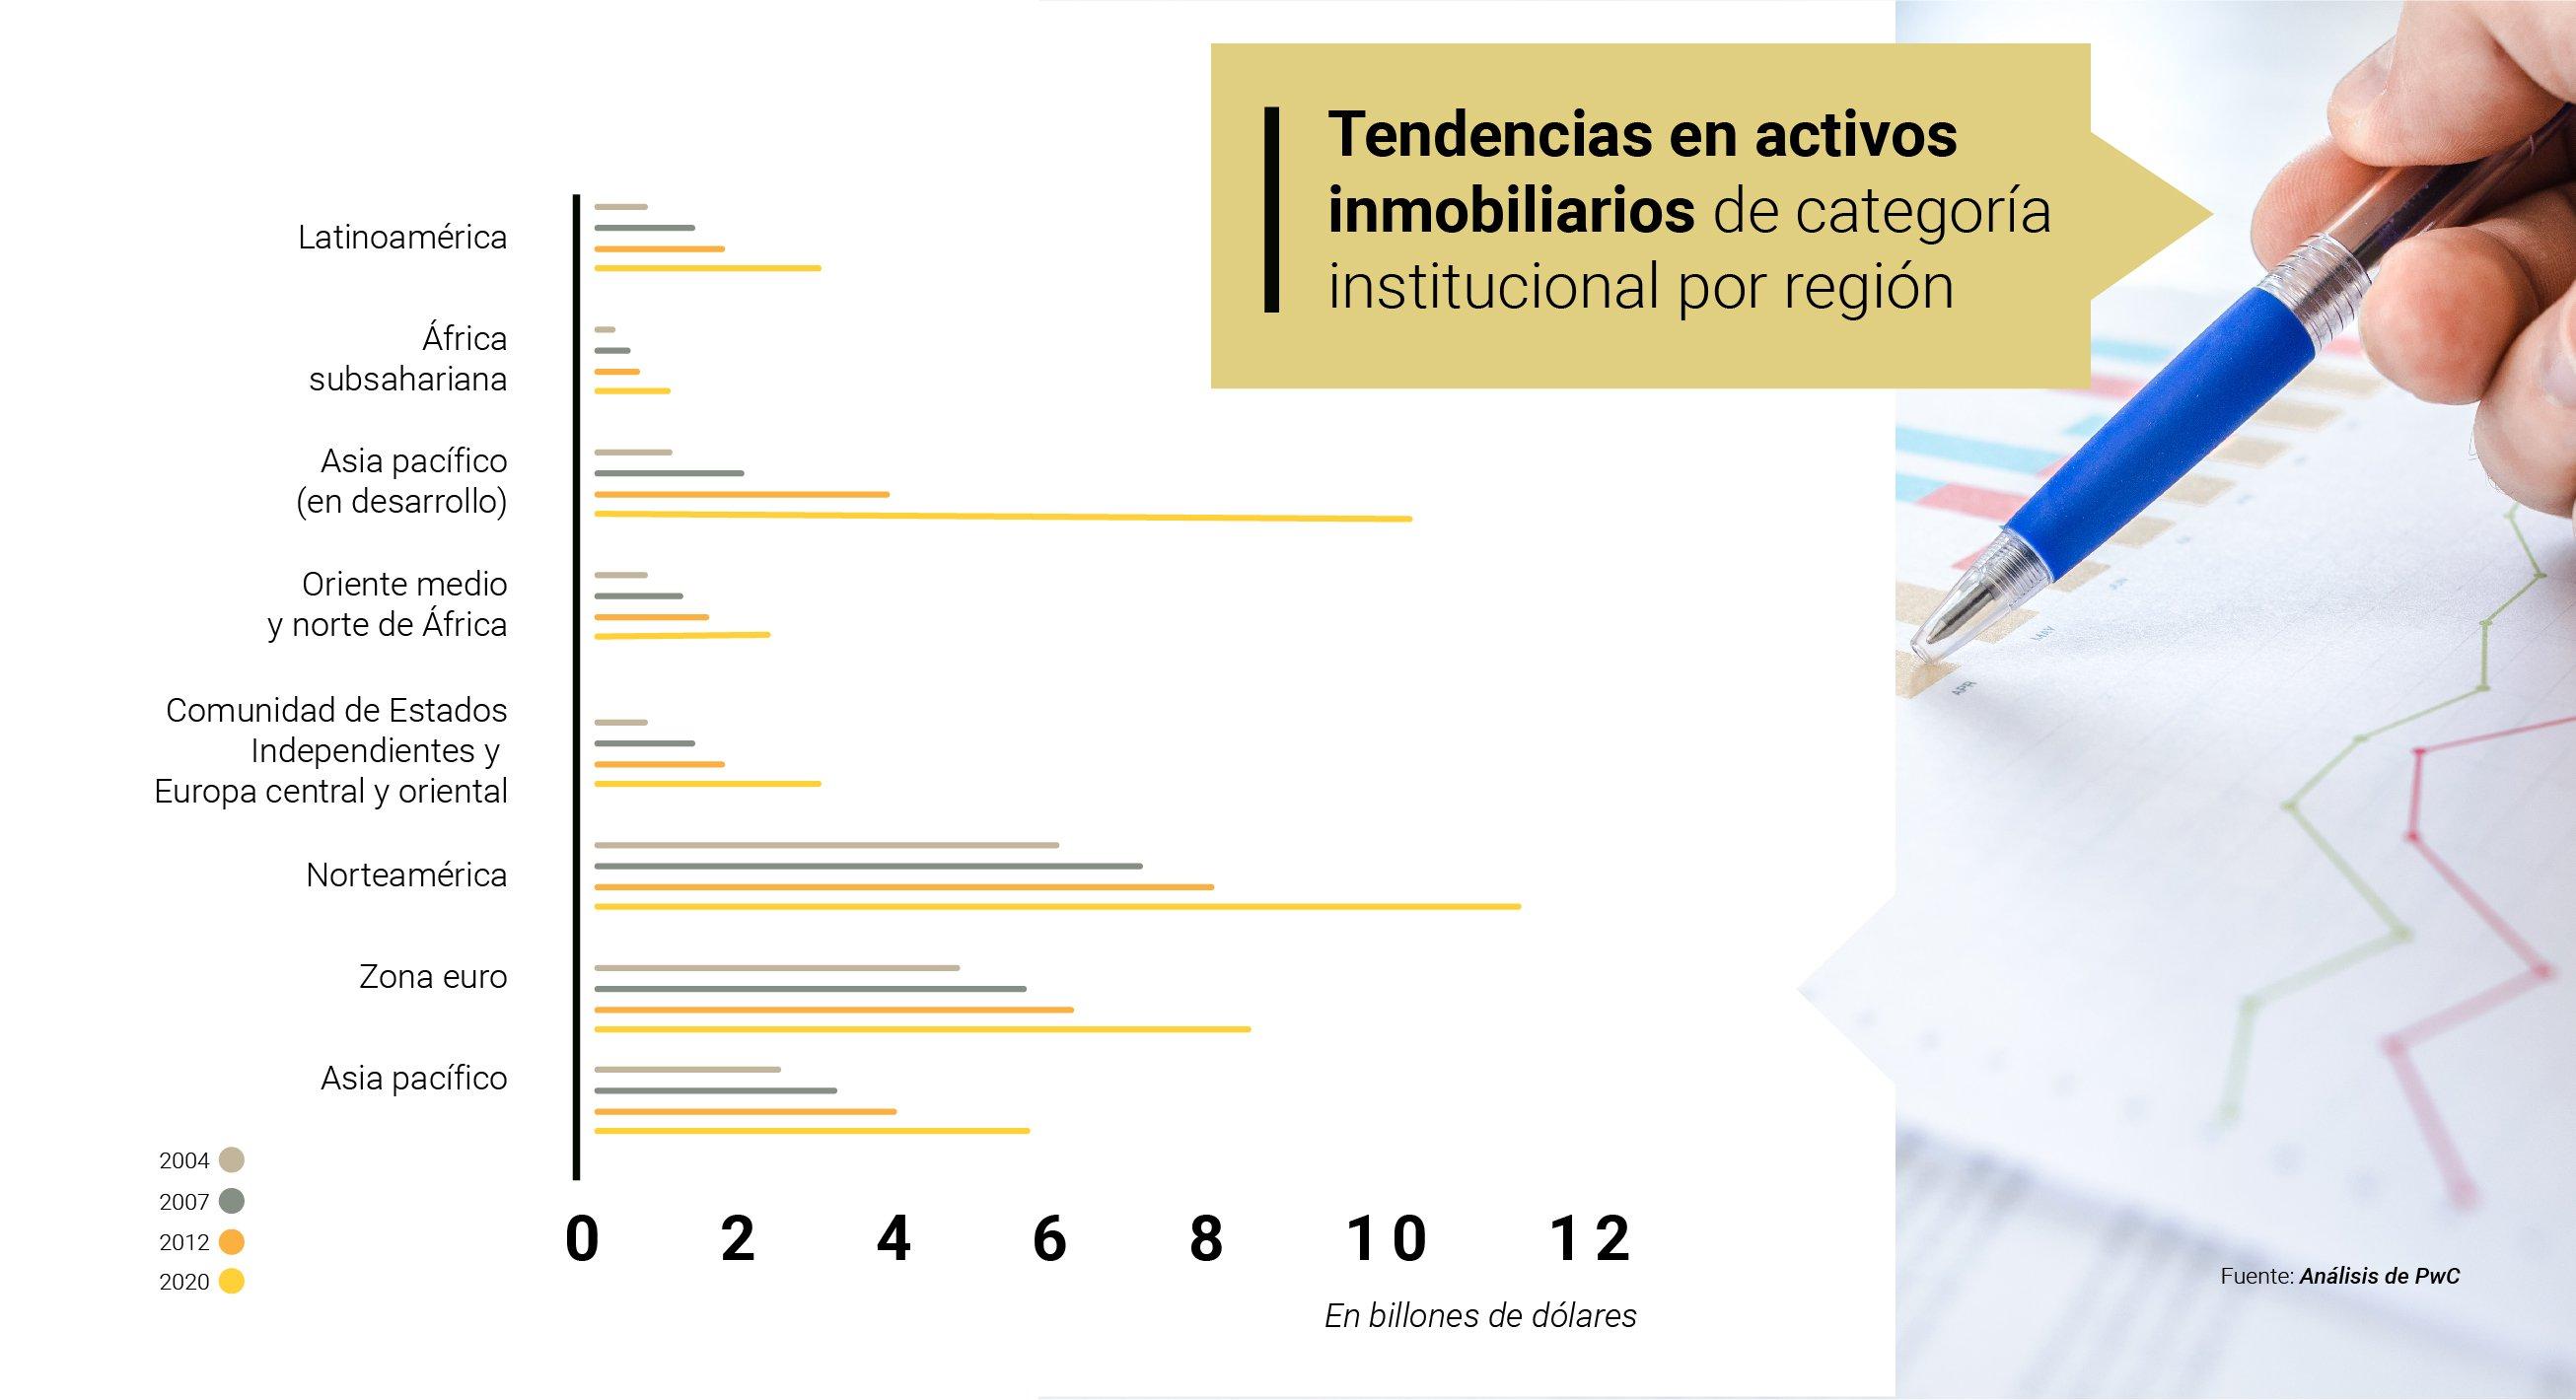 Activos inmobiliarios por región